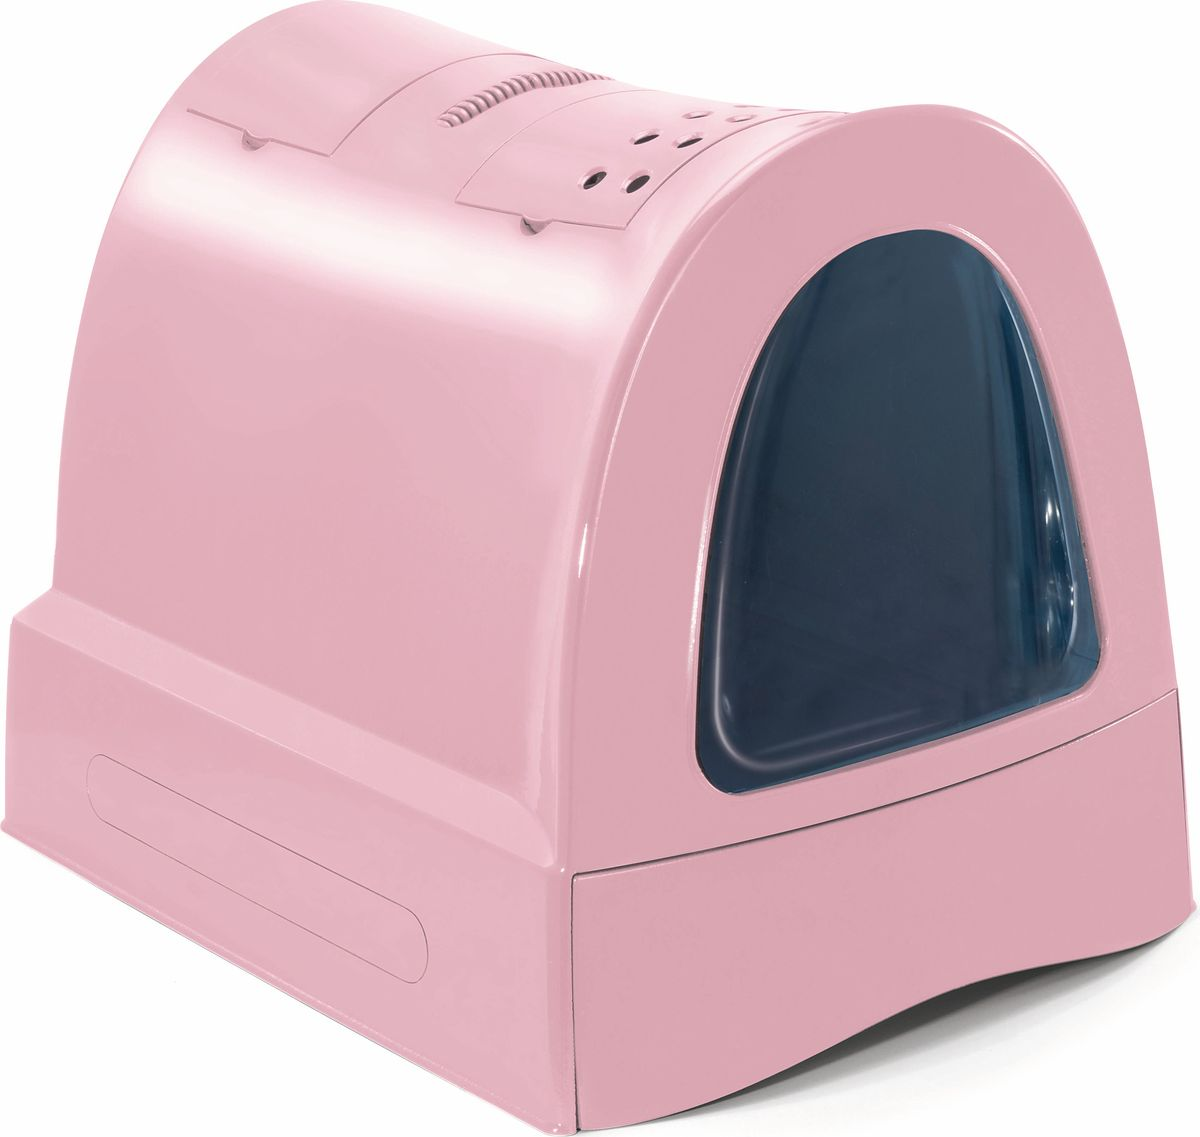 Туалет для кошек Imac Zuma , закрытый, цвет: пепельно-розовый, 40 х 56 х 42,5 см - Наполнители и туалетные принадлежности